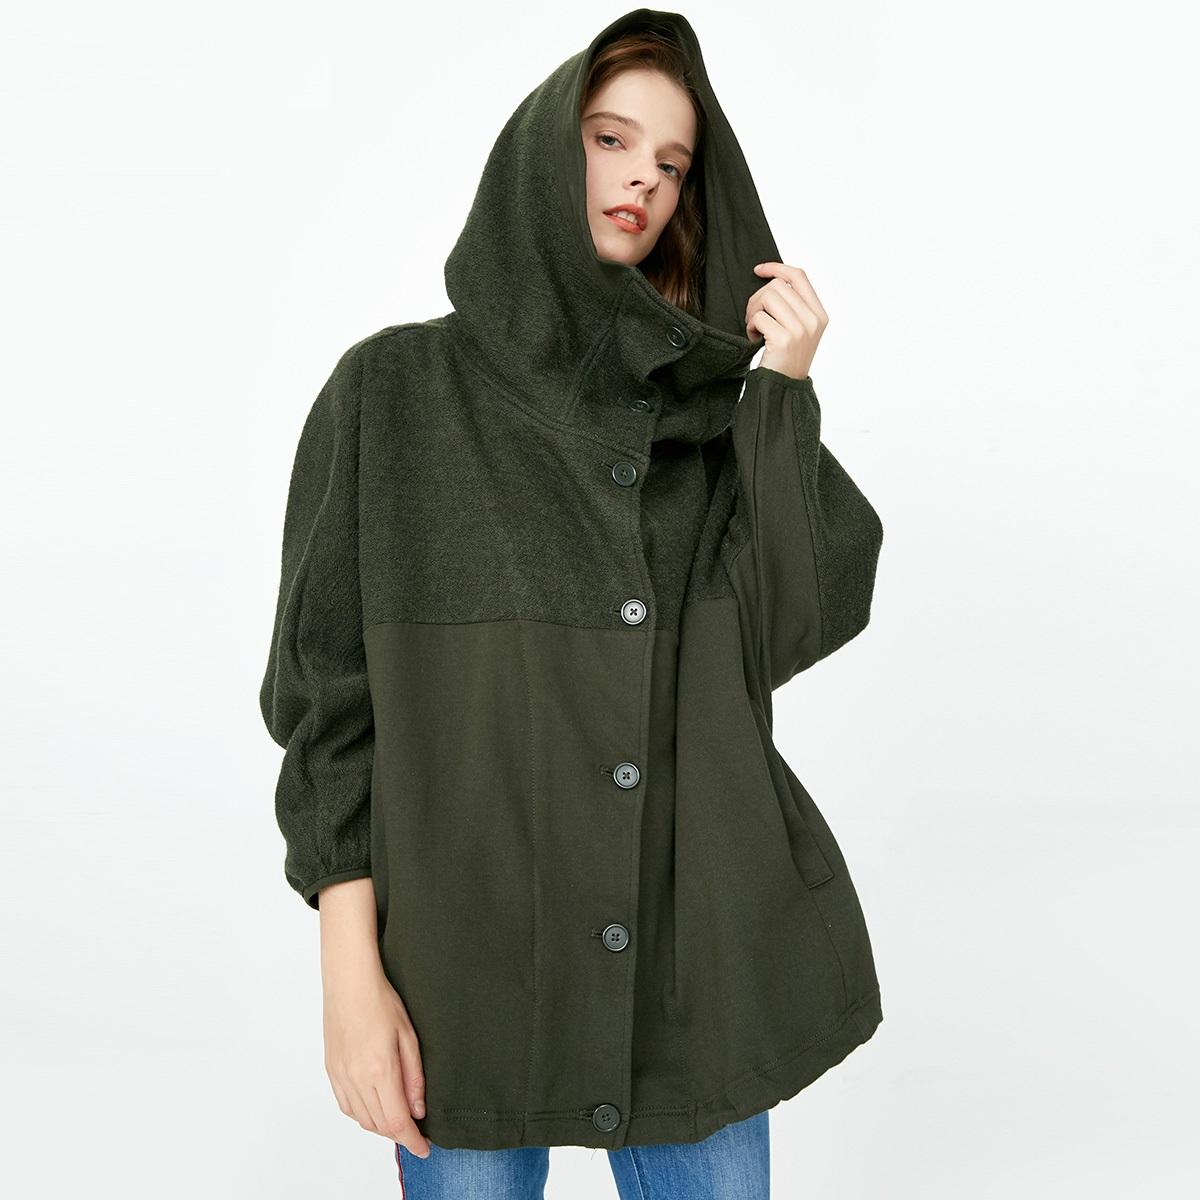 CHỈ đầu mùa thu lỏng bat tay áo trùm đầu áo gió áo dài nữ-116336523